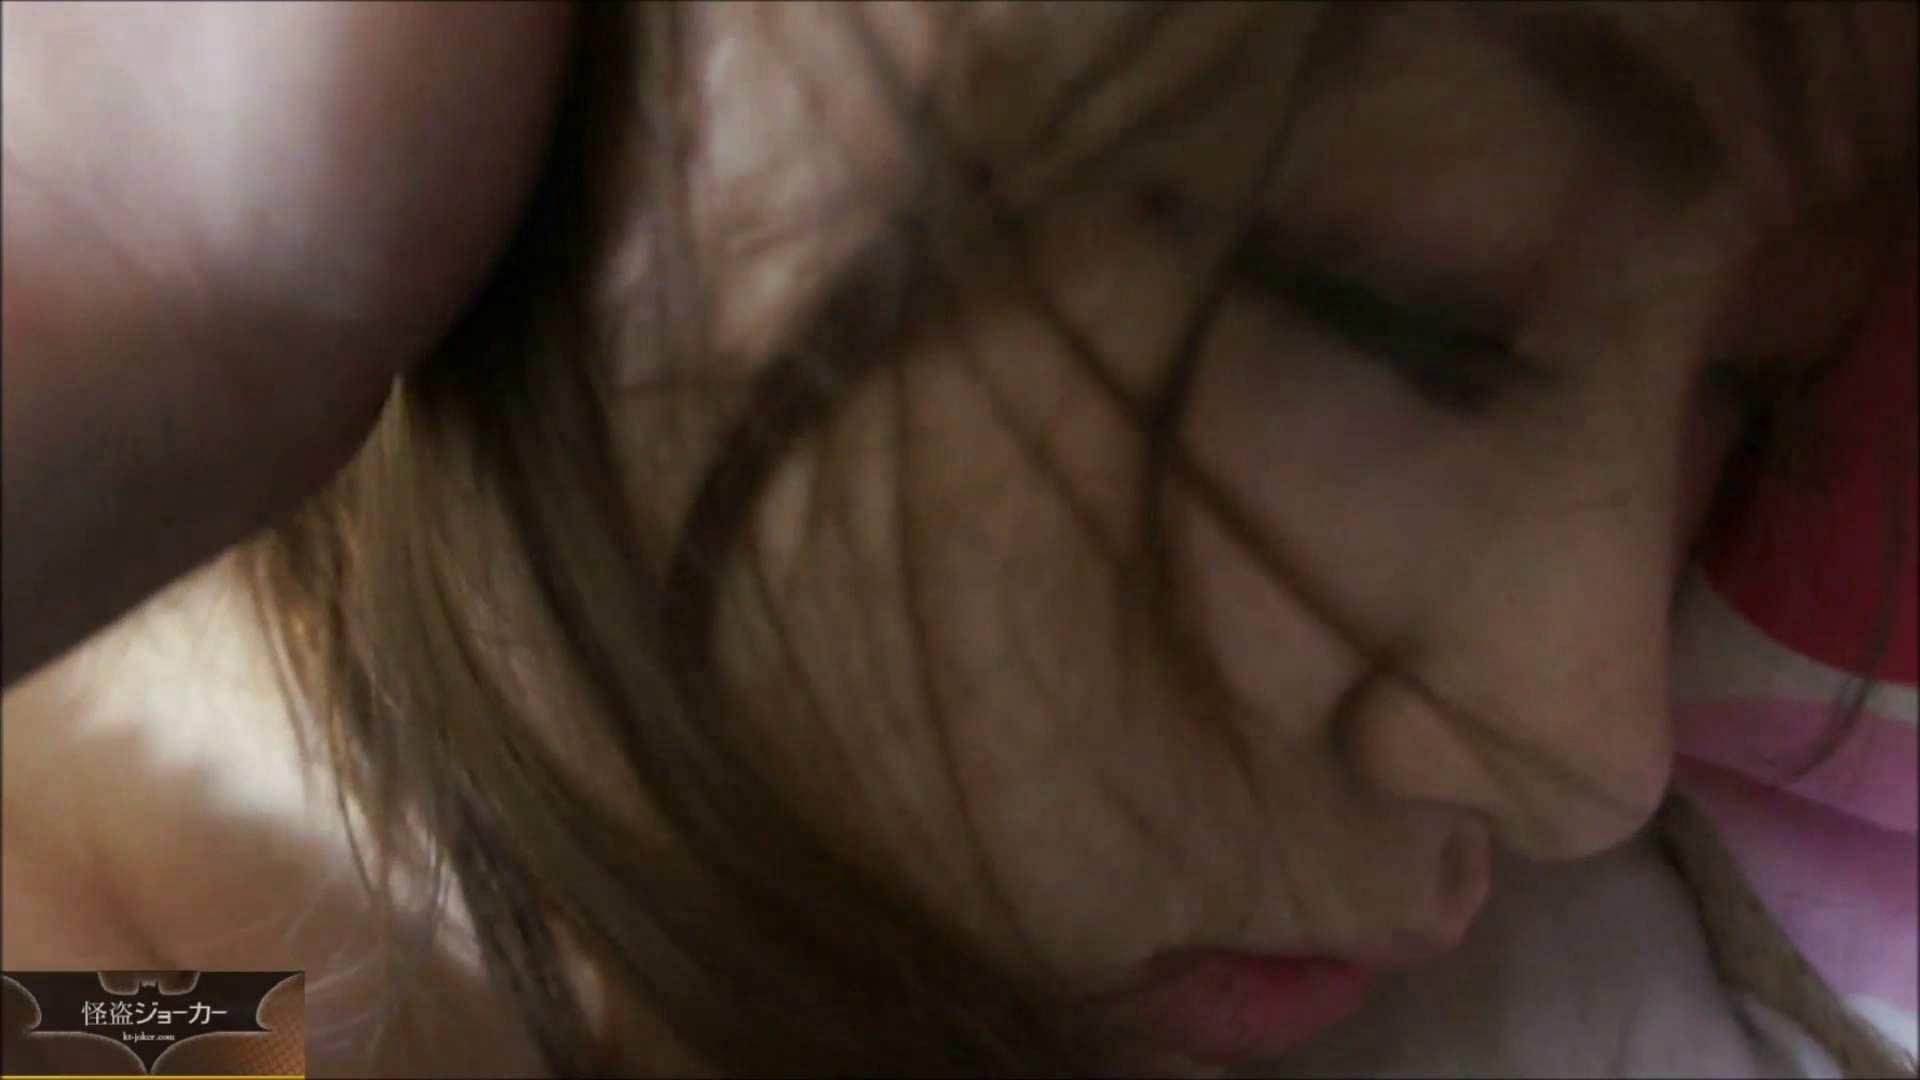 【未公開】vol.23 ユリナ、寝取られのアト。 OLハメ撮り  107Pix 47